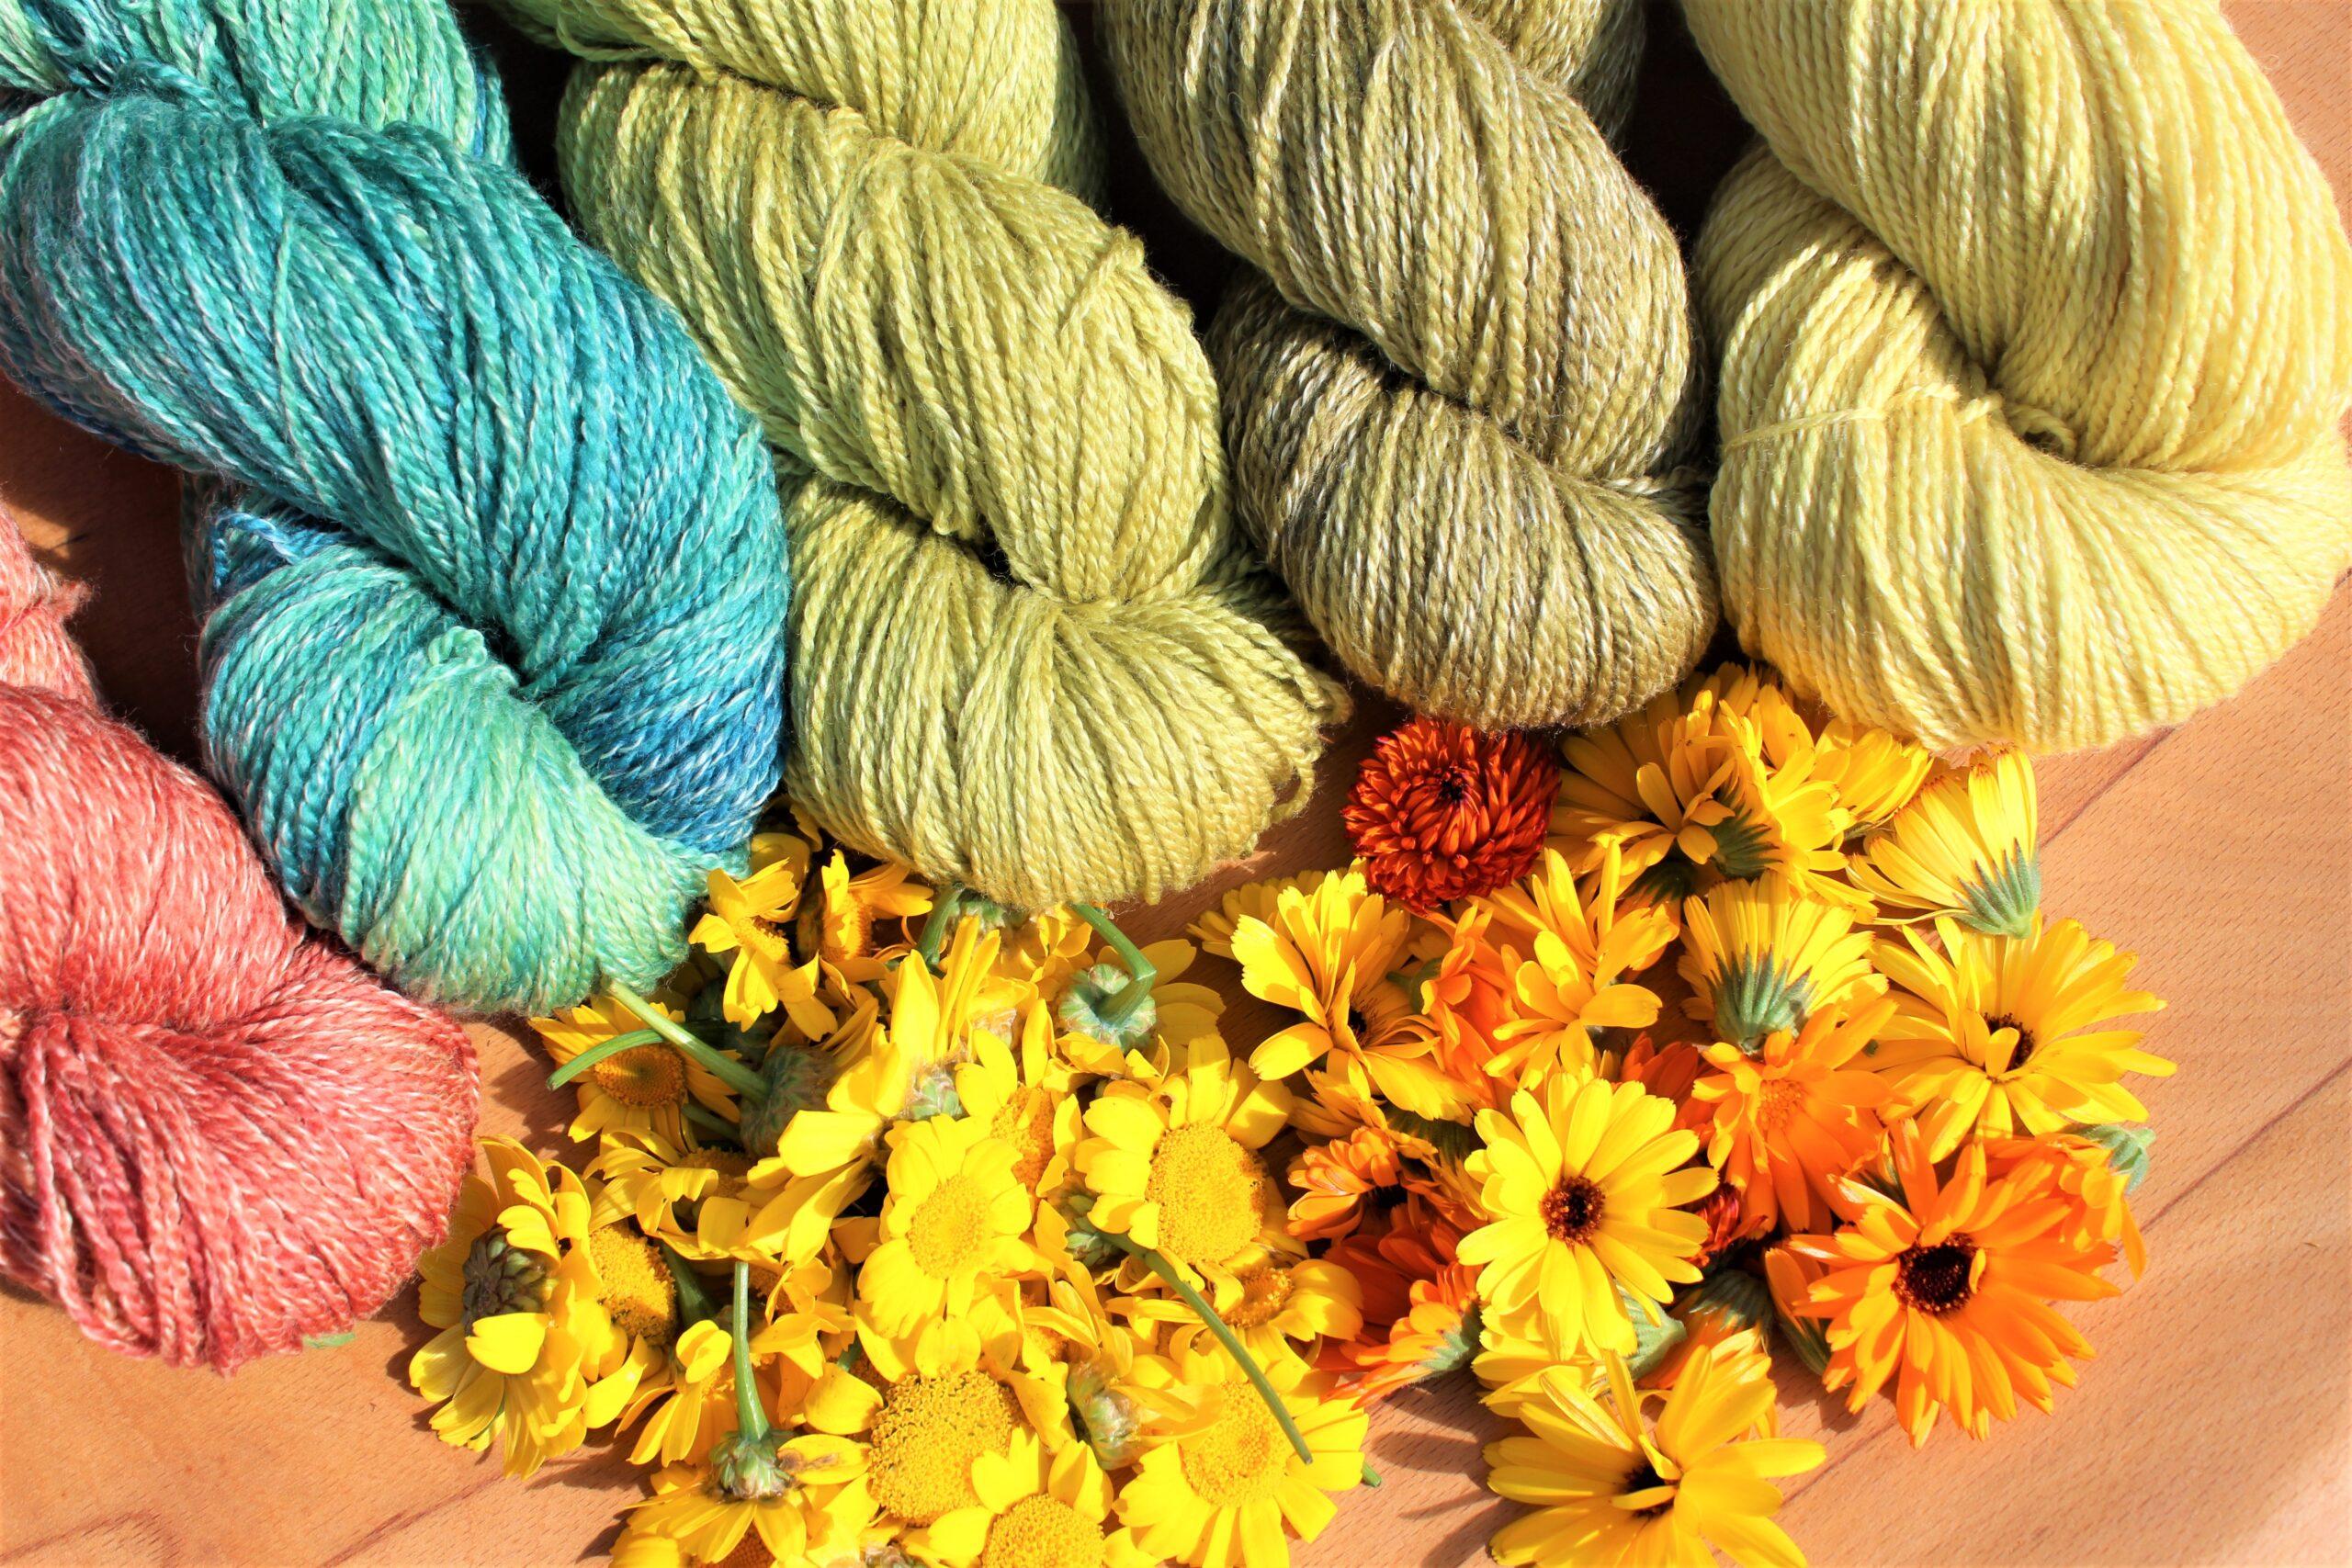 Dye workshops on Zoom